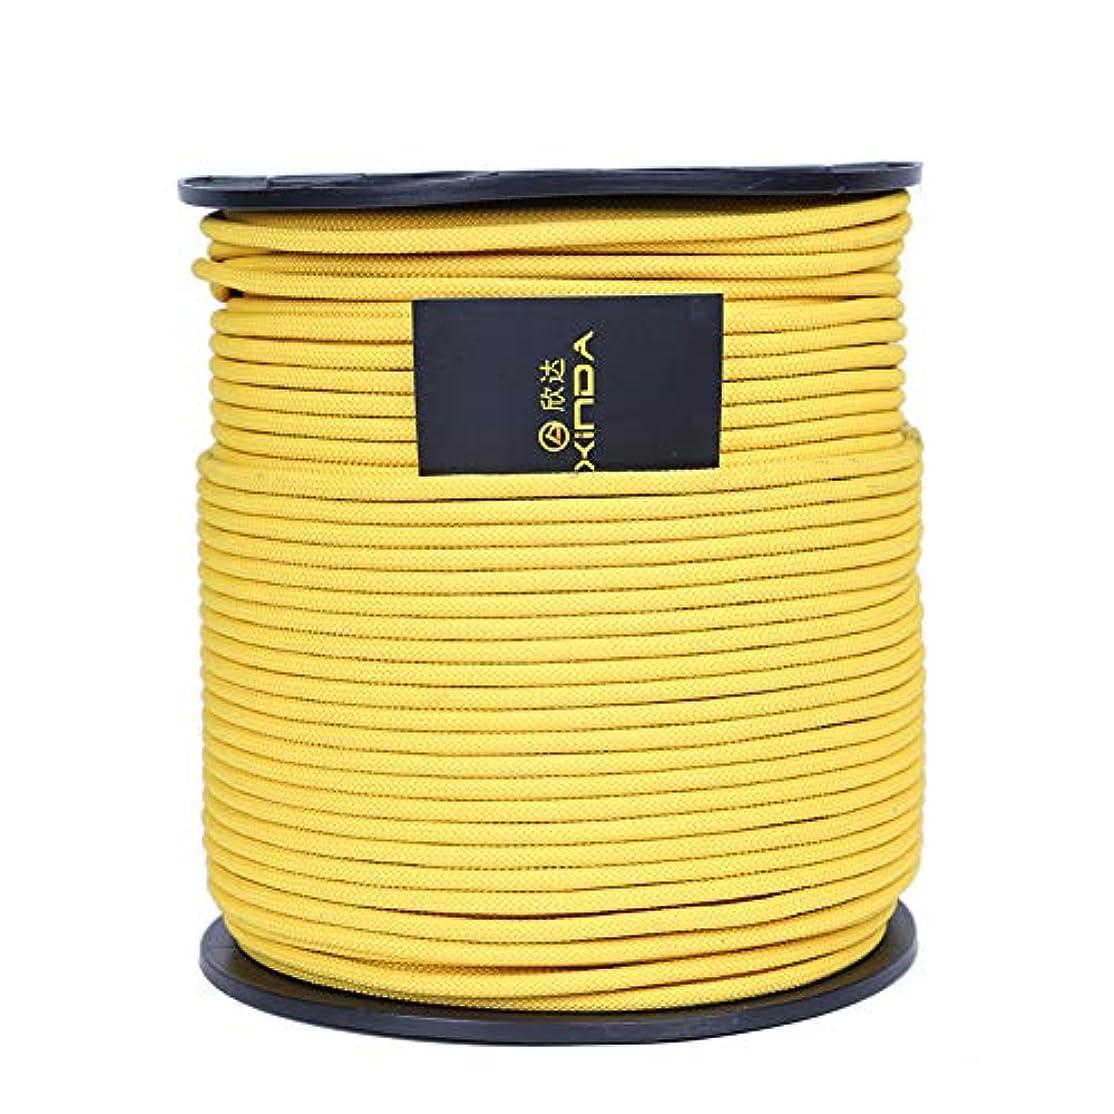 引き算レザー窒素ロッククライミングロープ、アウトドアハイキングアクセサリー高強度コード安全ロープ火災避難救助静的ロープ(6 mm)トレーニングキャンプ用,yellow,60m